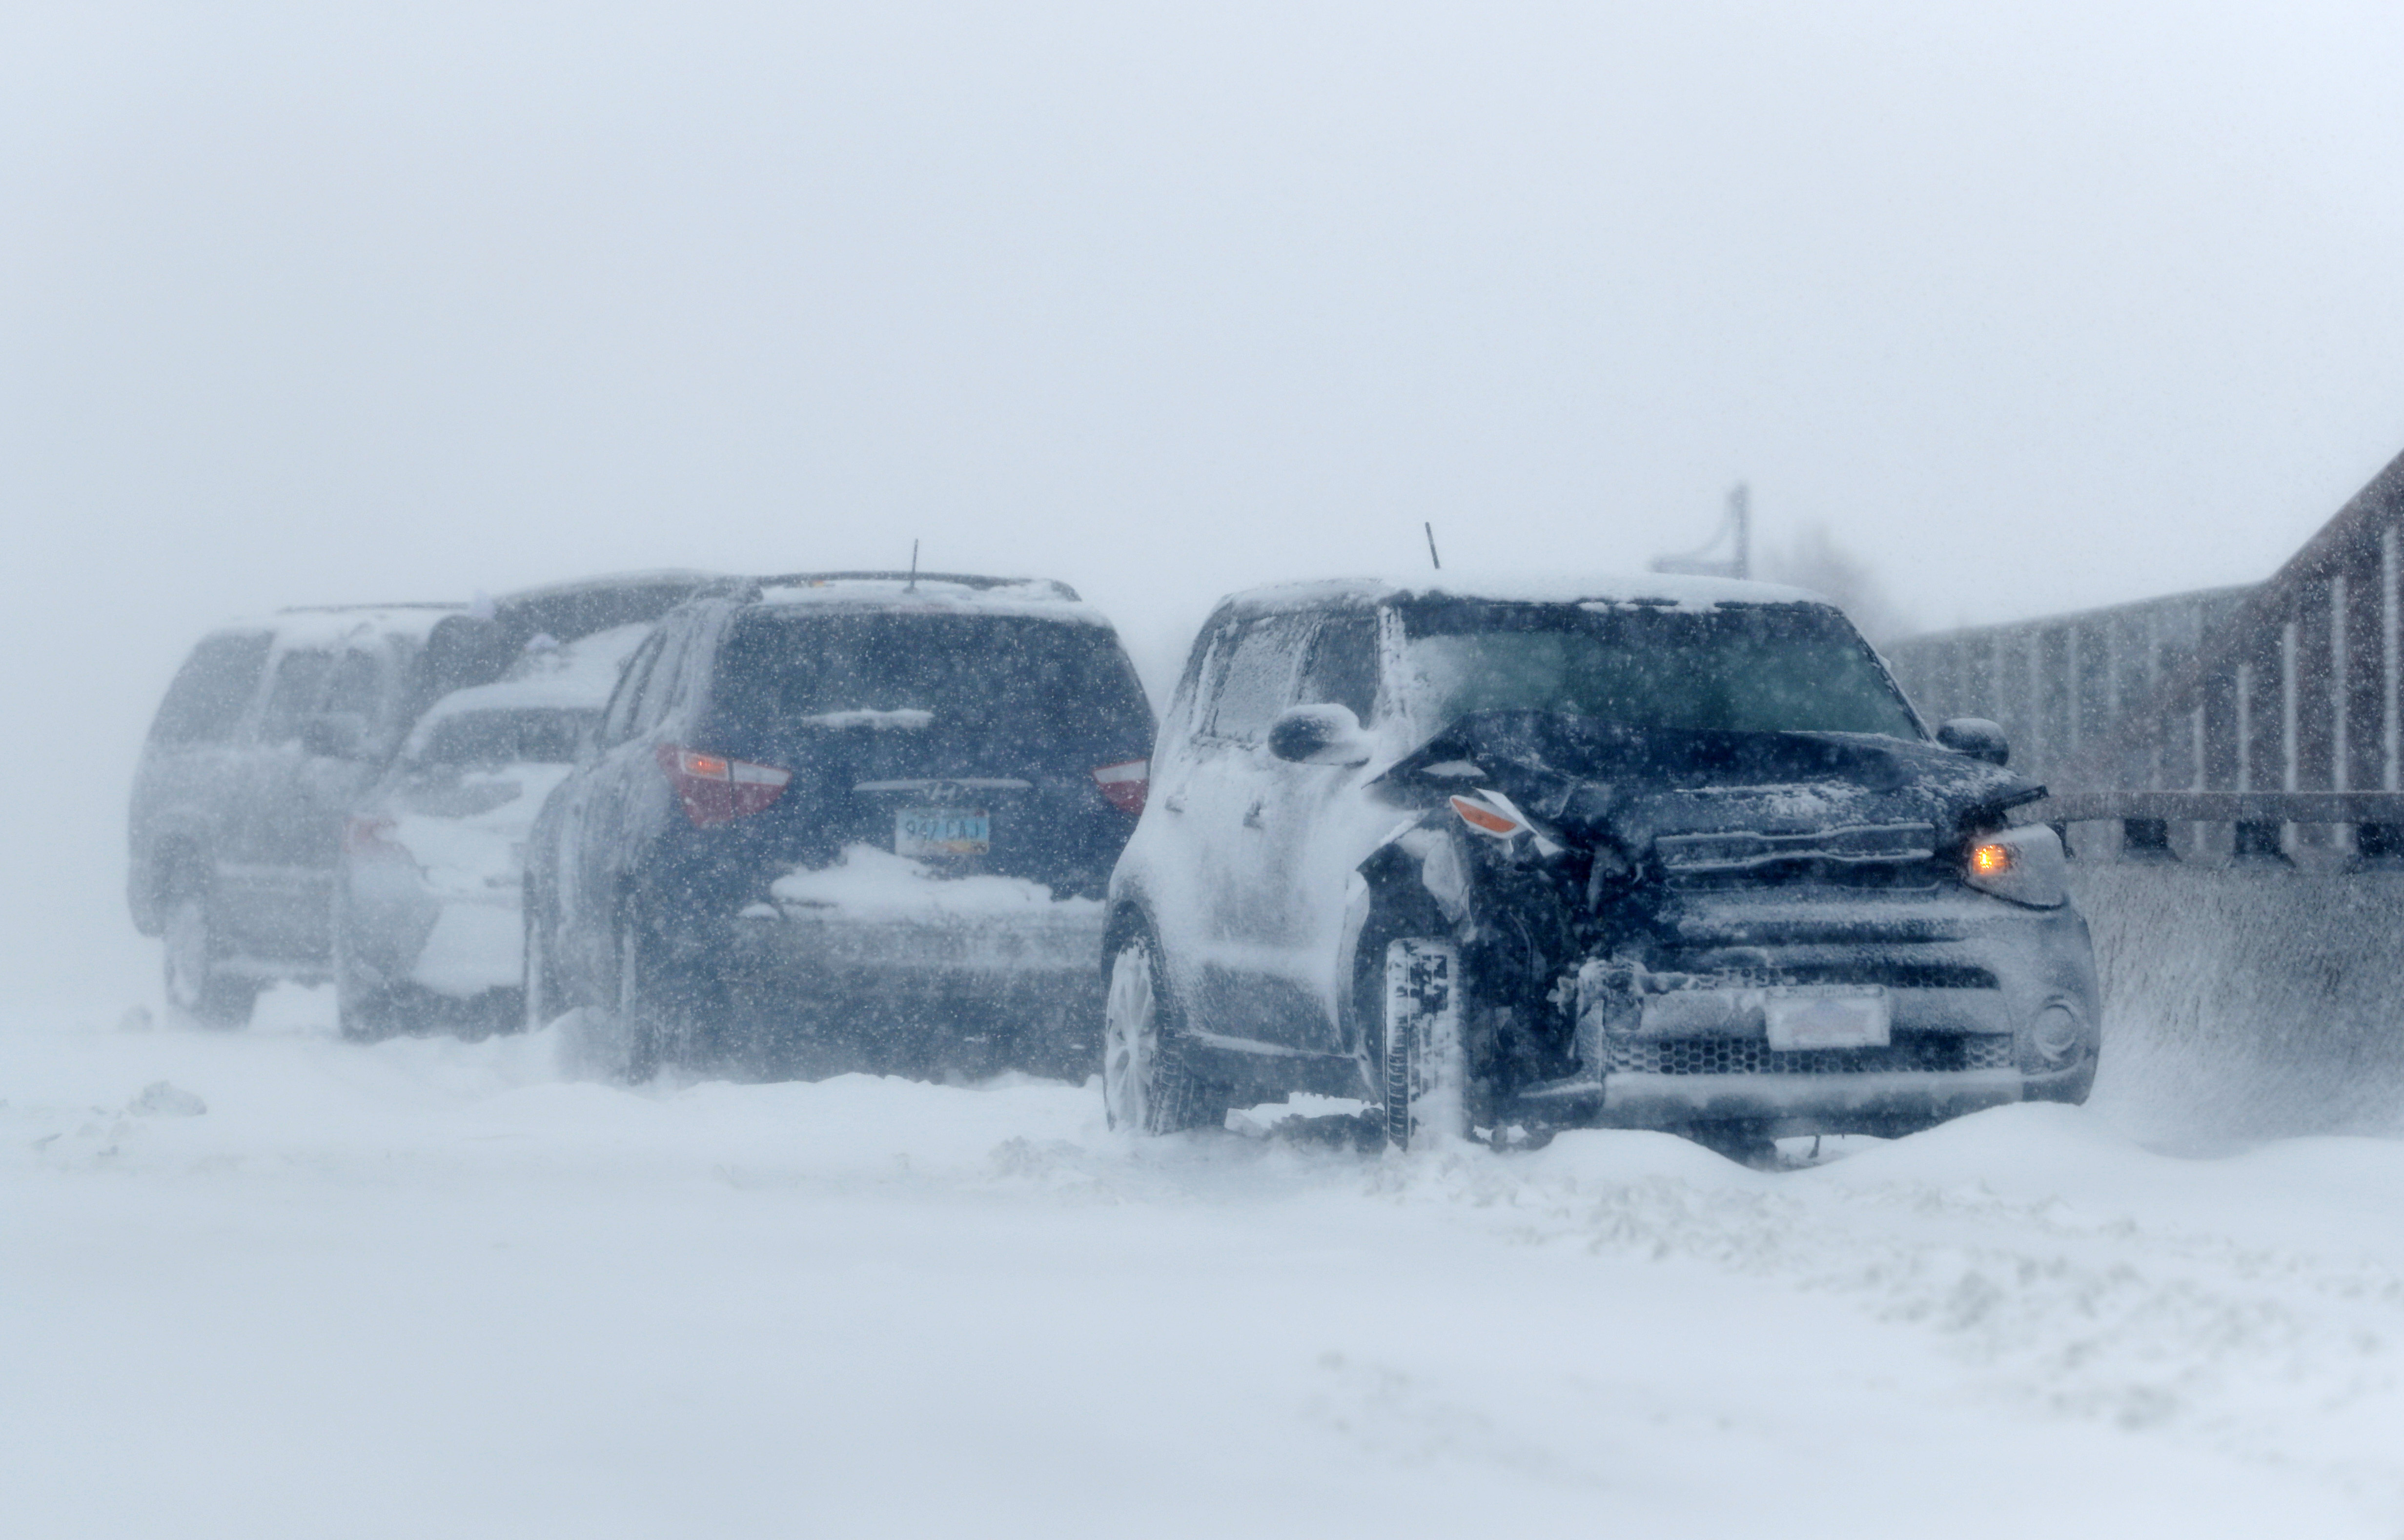 Muchos vehículos tuvieron problemas para circular debido a la acumulación de nieve sobre las vías y los fuertes vientos.